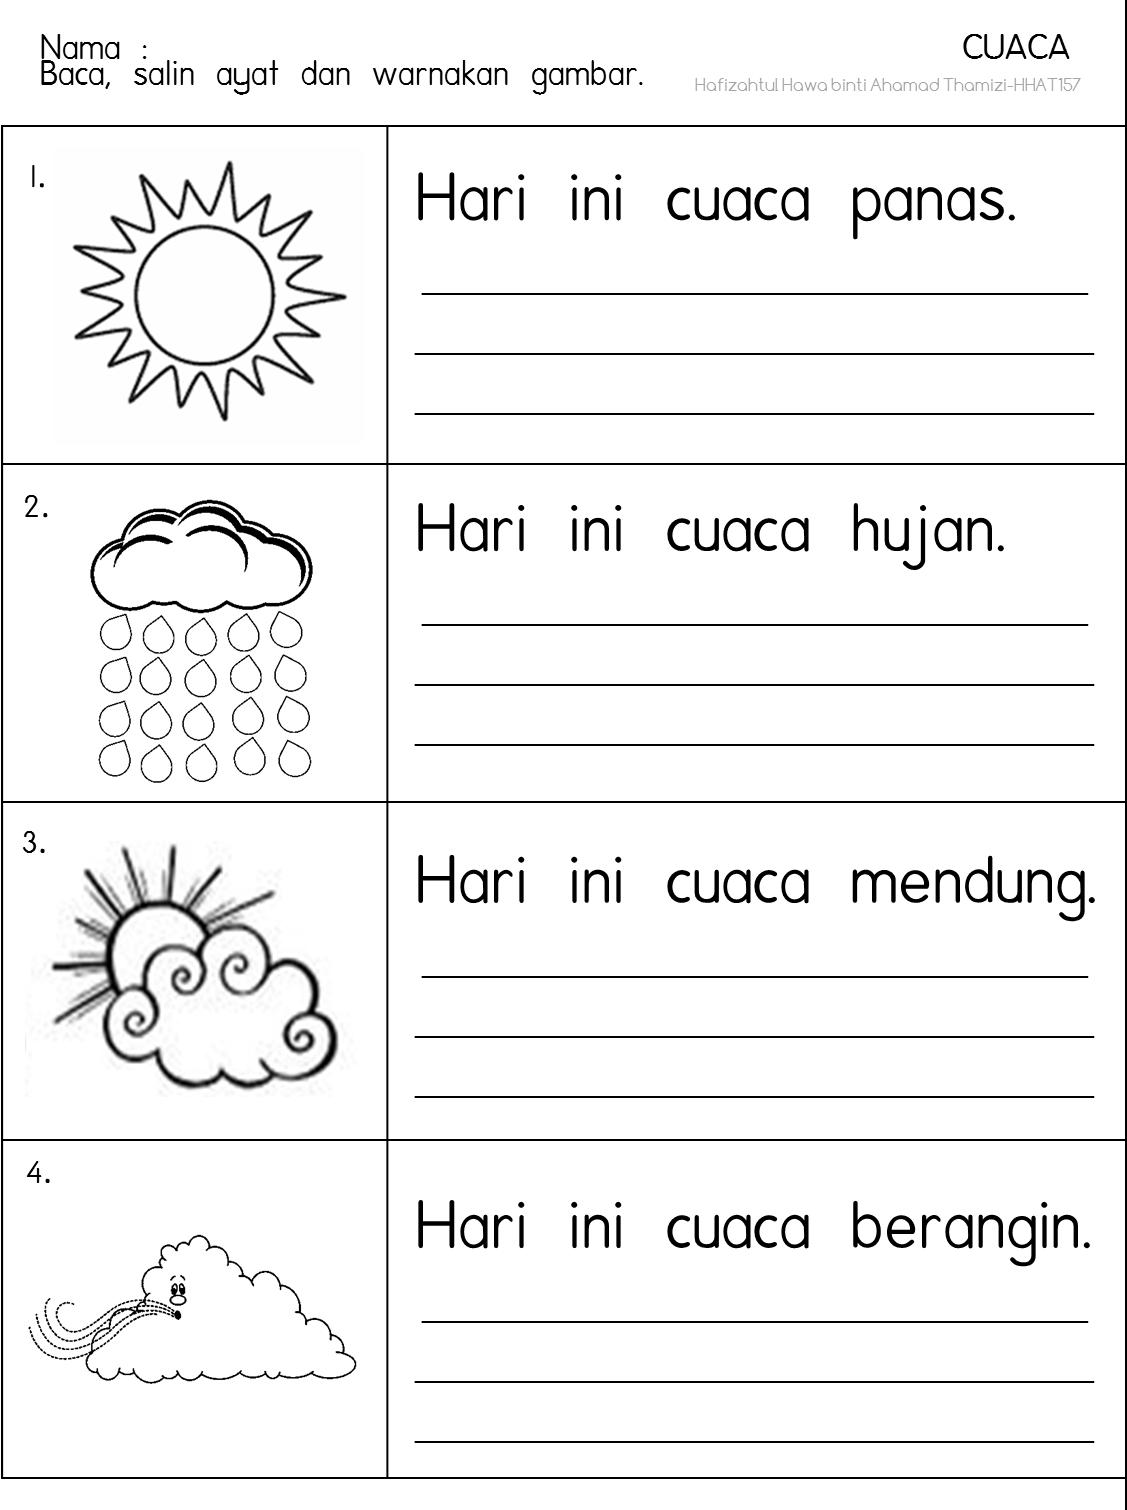 Cikgu Fieza Hhat157 Cuaca